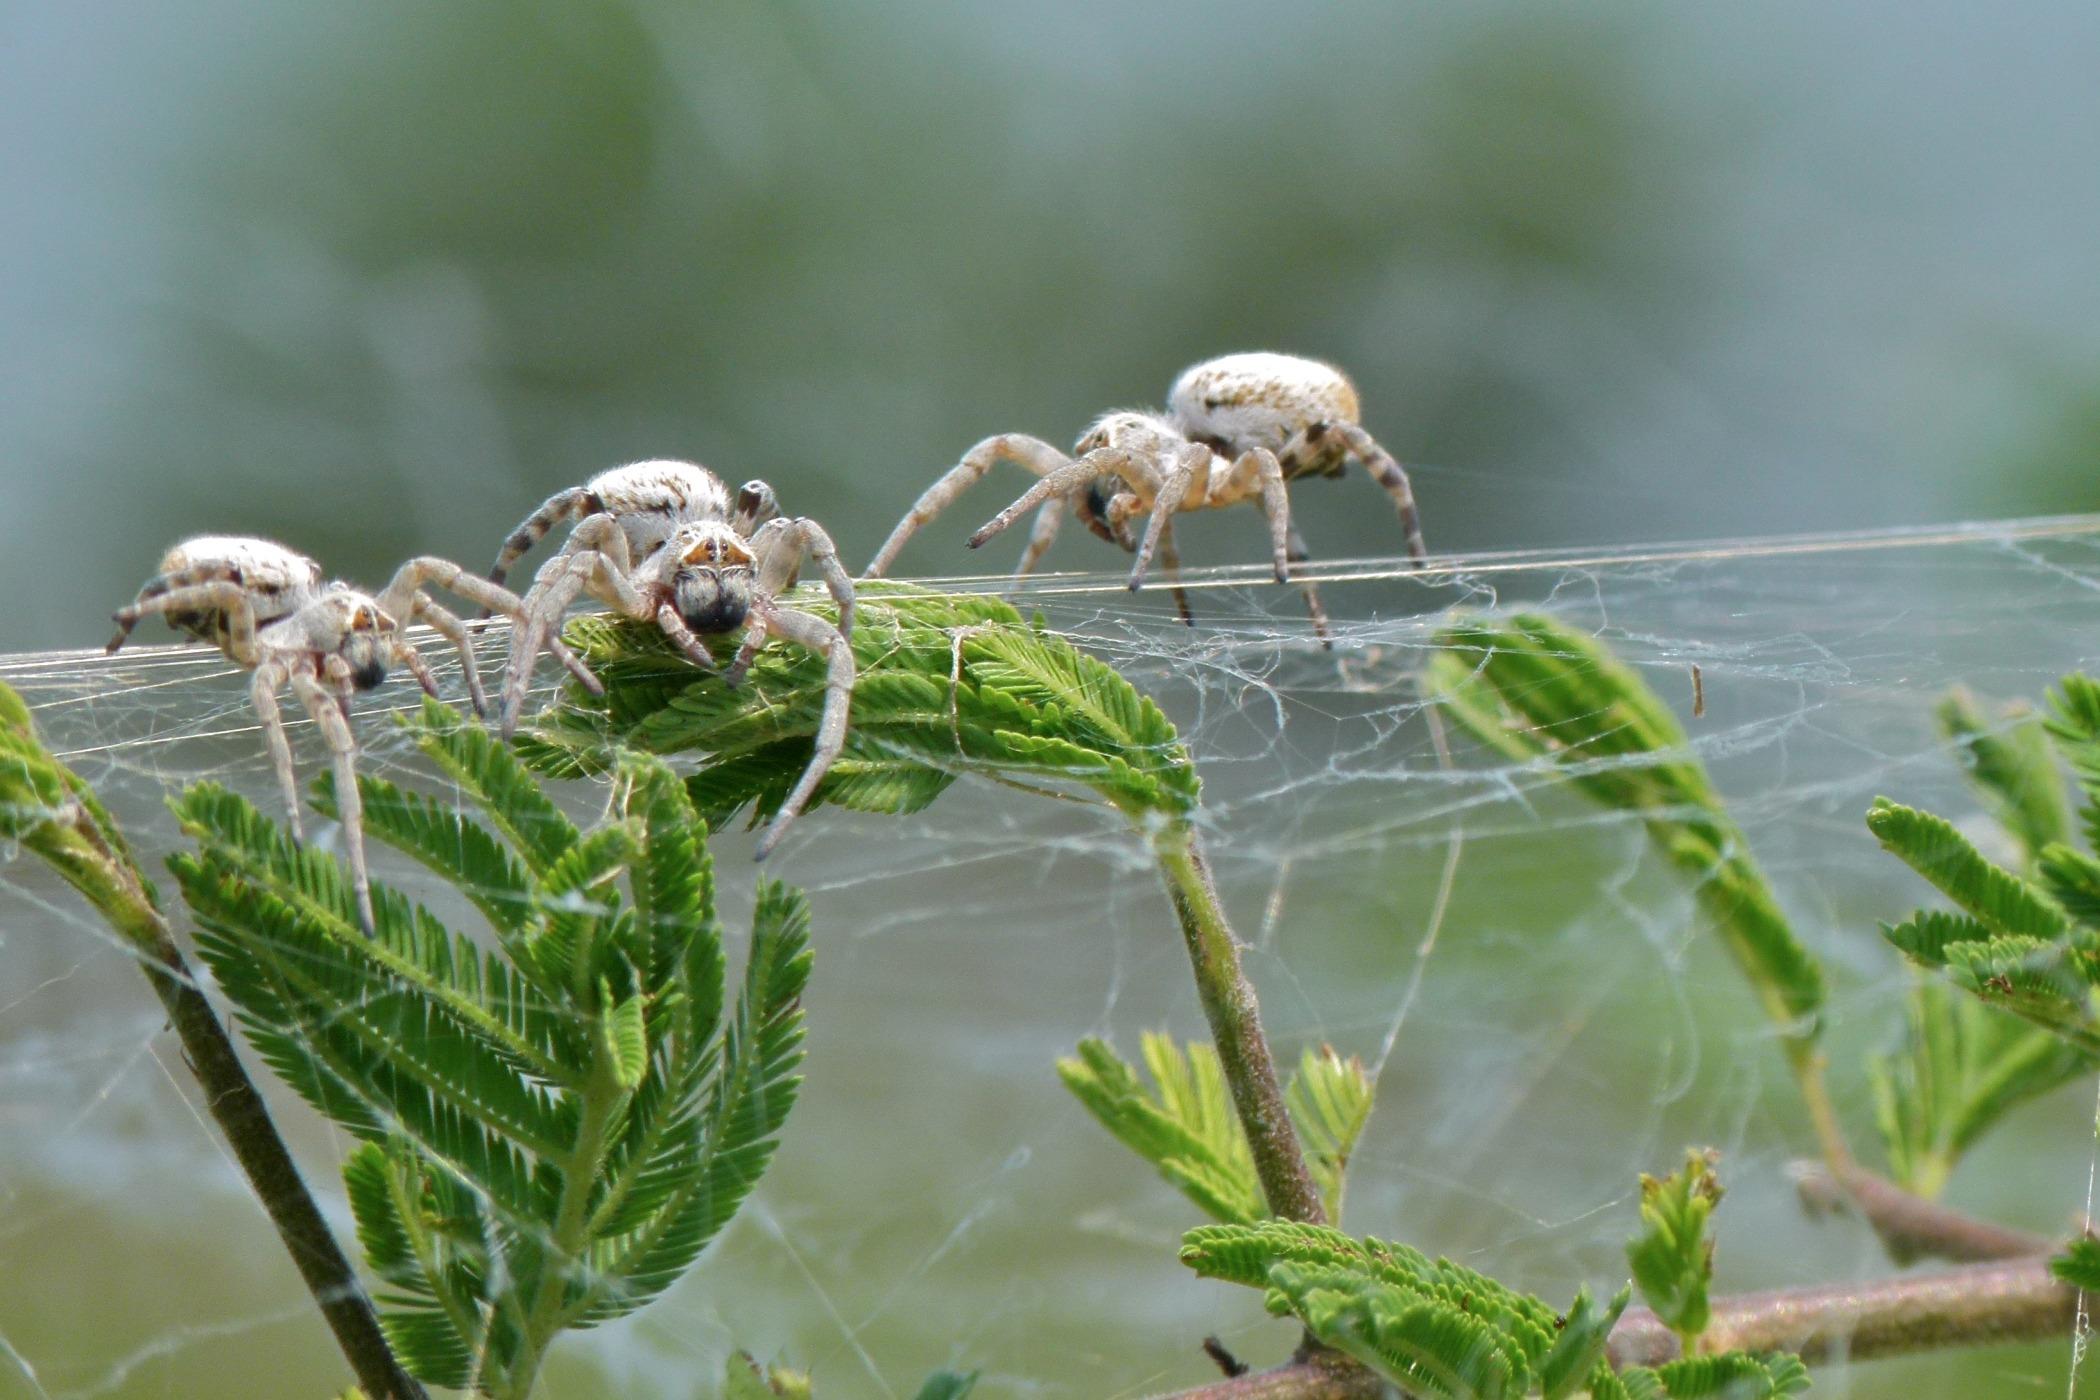 Pavouci rodu Stegodyphus žijí v koloniích